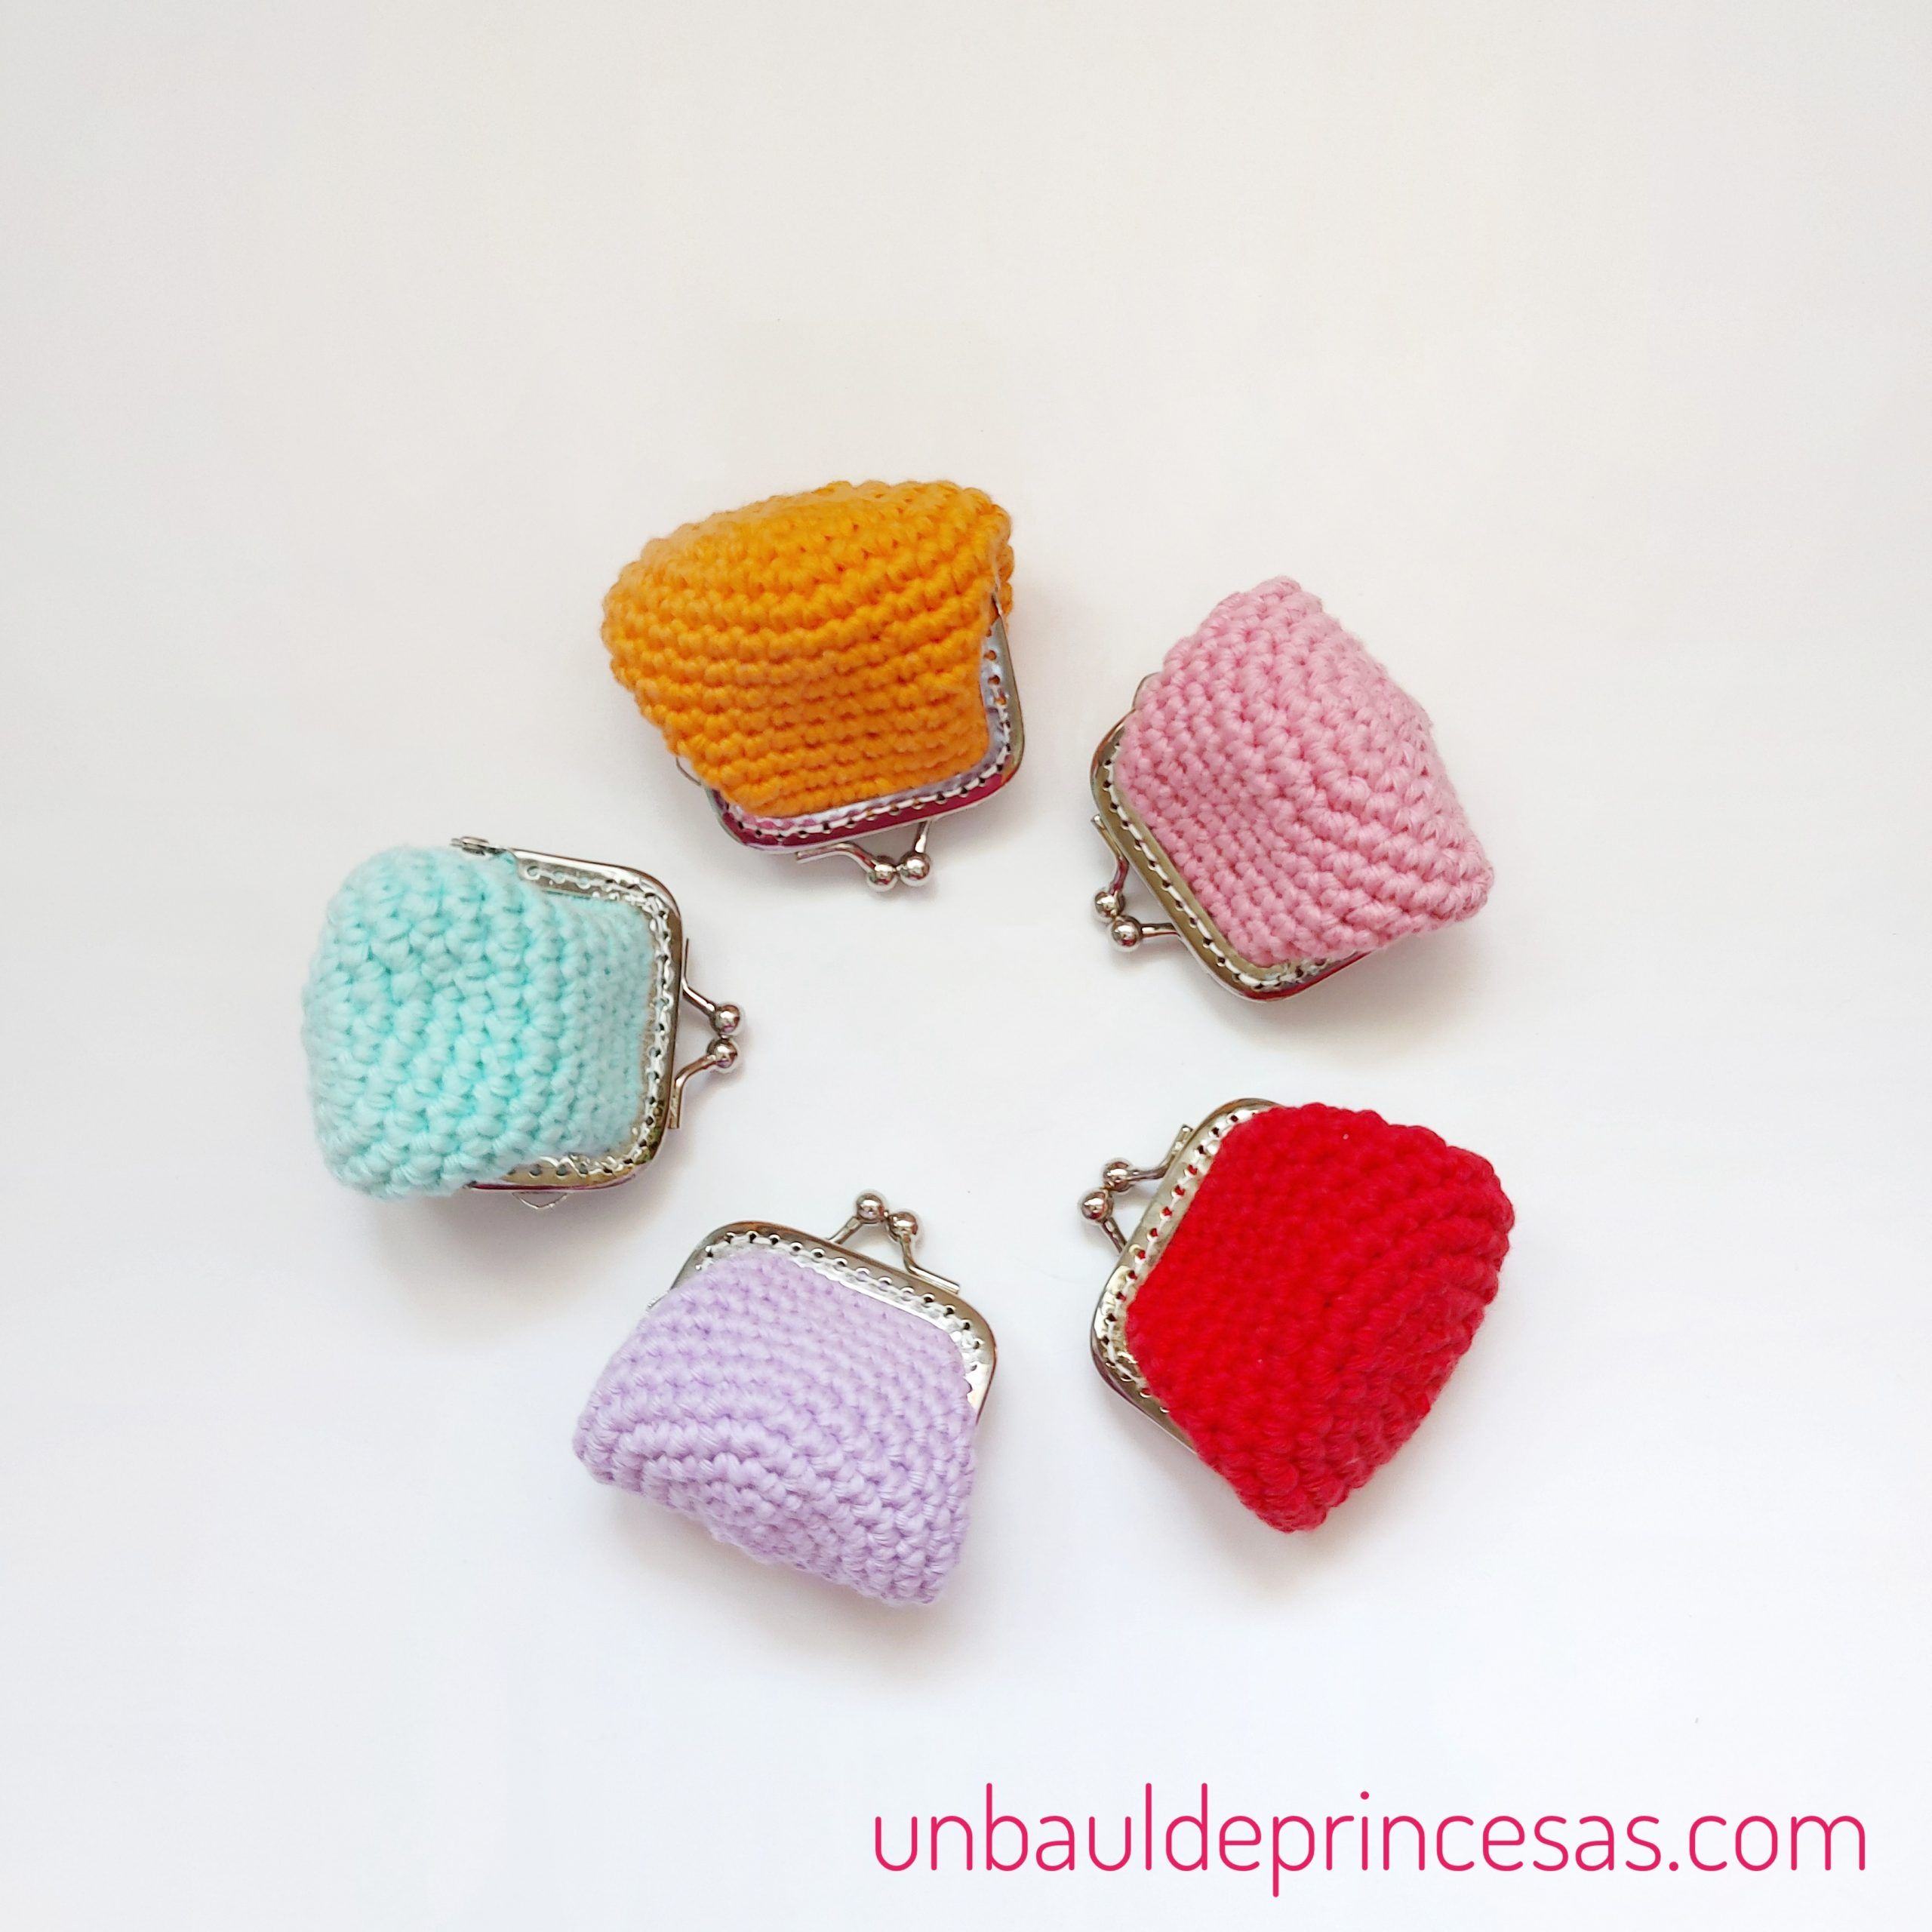 Monederos pequeños de colores a crochet